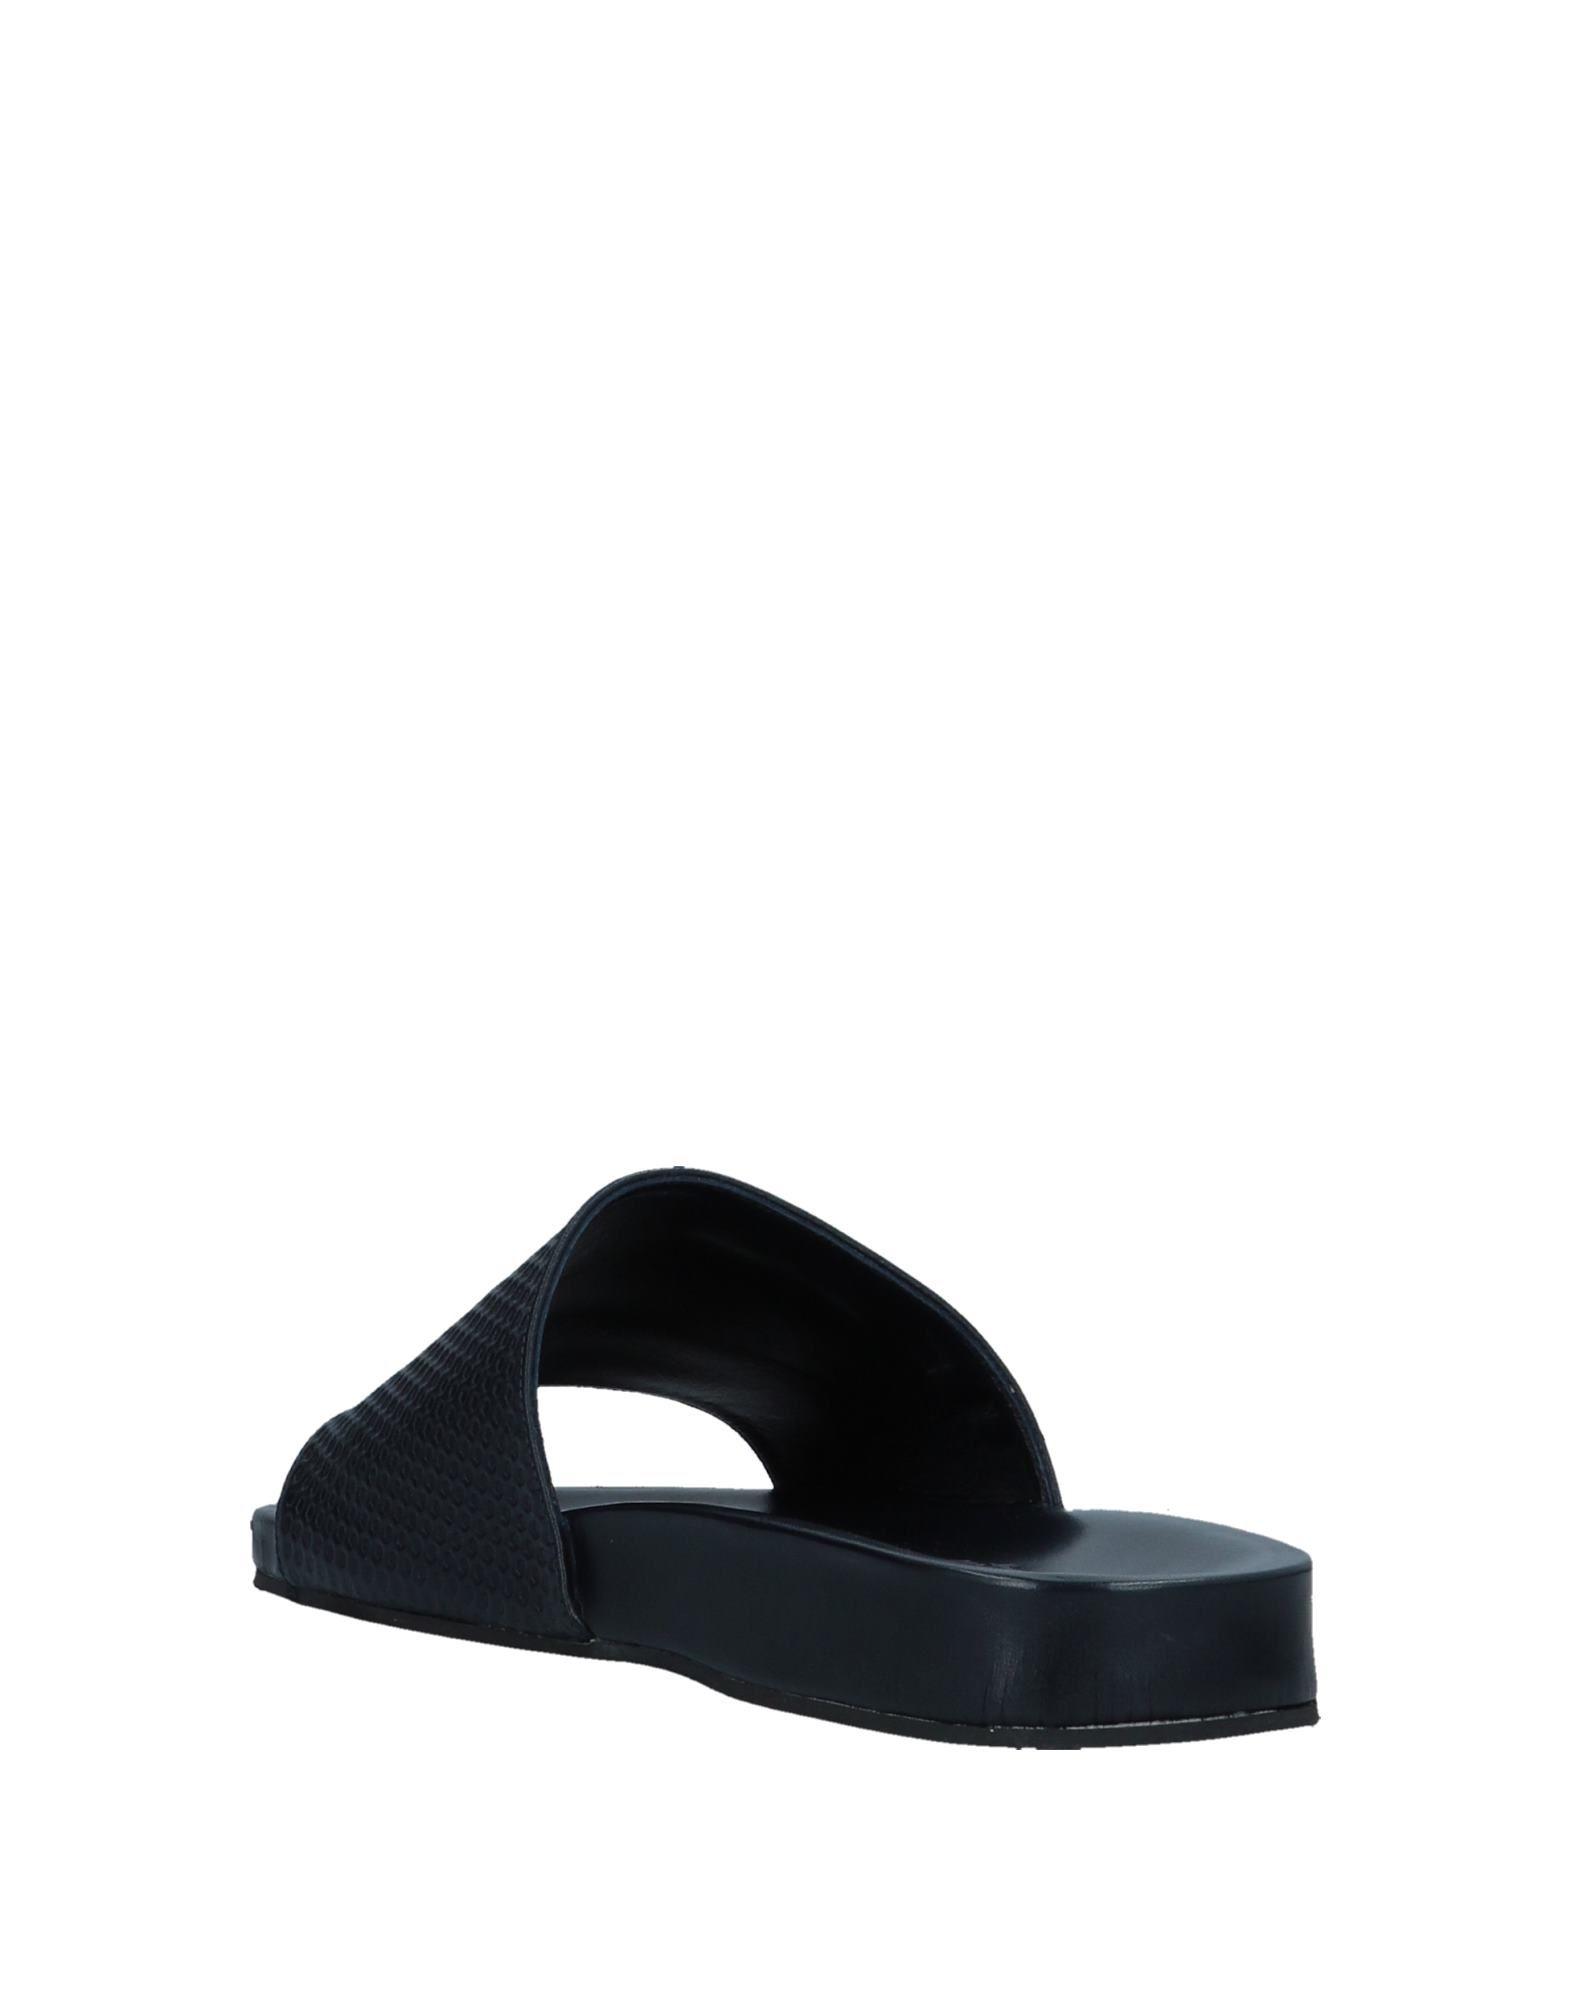 A.Testoni Sandalen Herren beliebte  11543934HP Gute Qualität beliebte Herren Schuhe 51ebb2